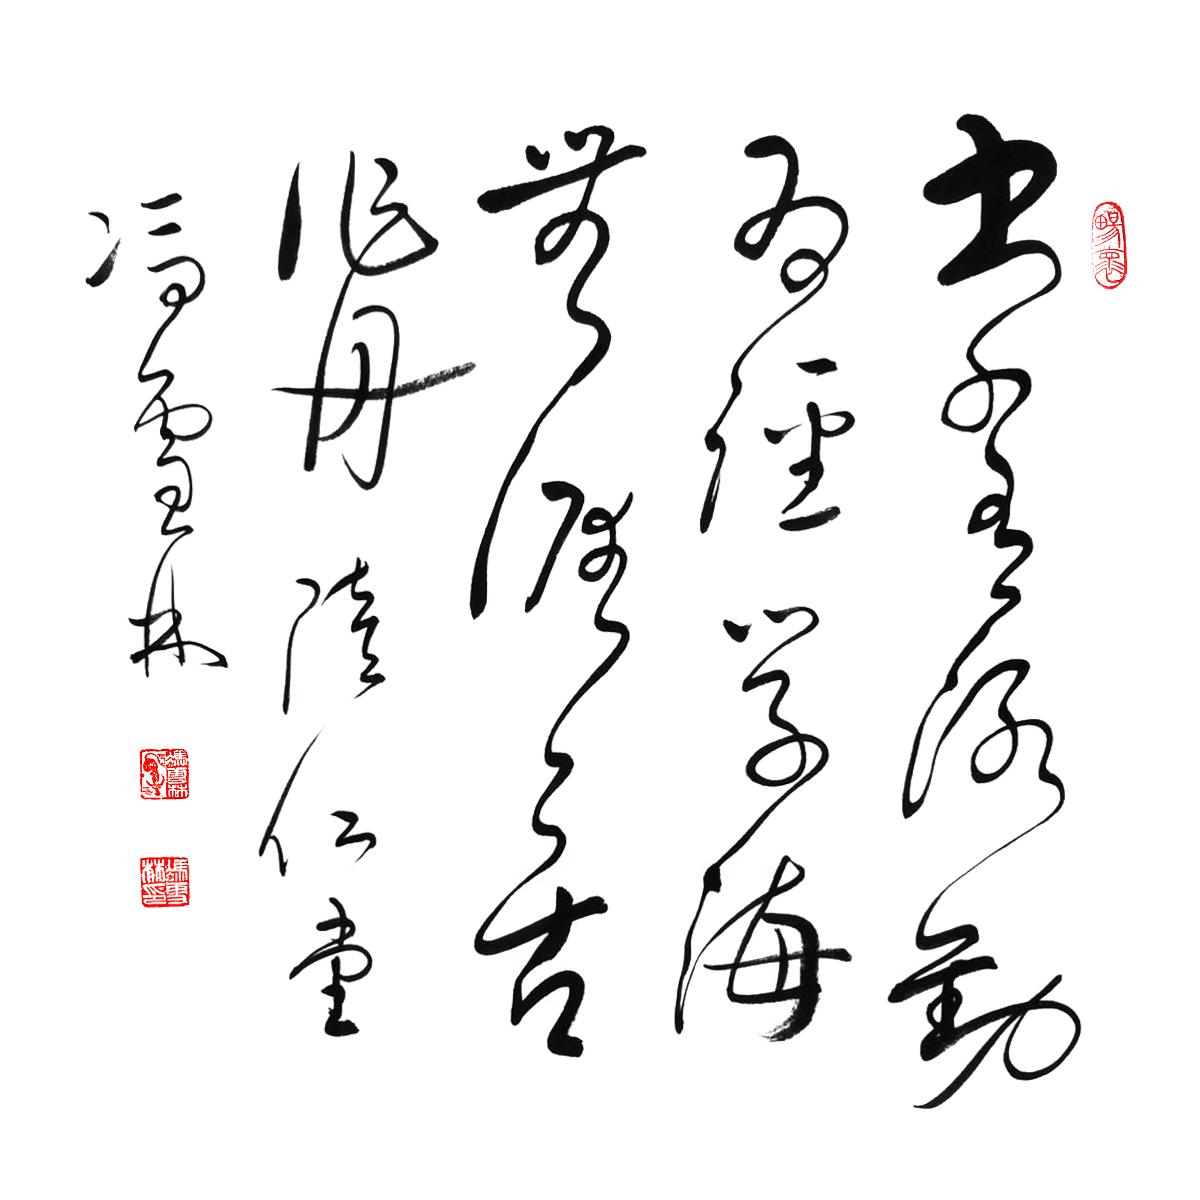 韩愈名句《书山有路勤为径,学海无涯苦作舟。》书法作品 草书书法字画 斗方